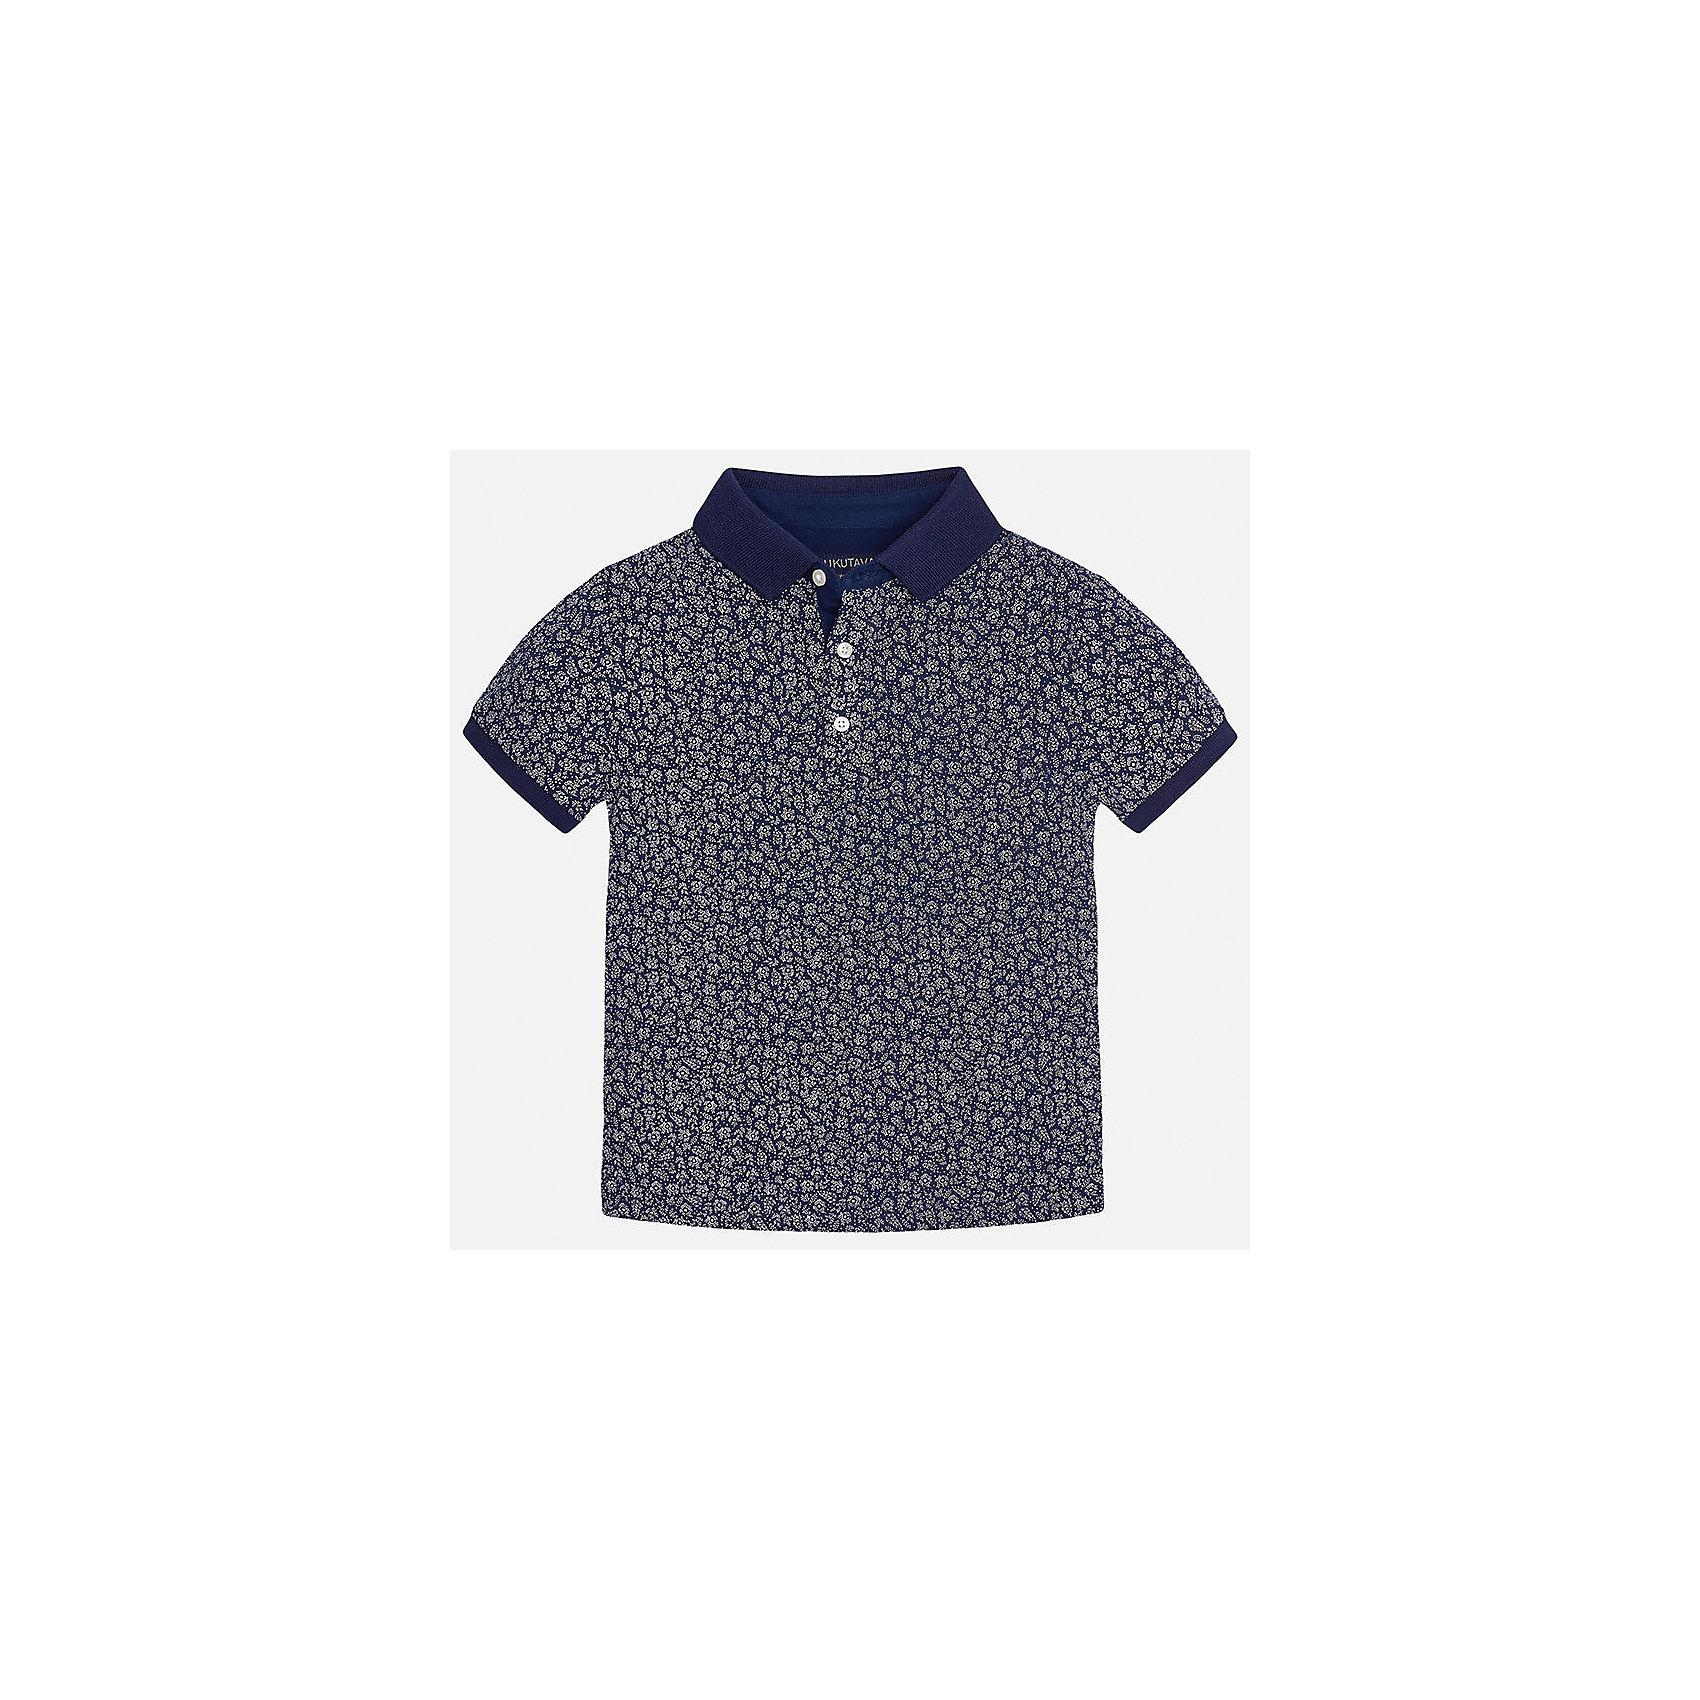 Футболка-поло для мальчика MayoralДжинсовый бум<br>Характеристики товара:<br><br>• цвет: синий<br>• состав: 100% хлопок<br>• отложной воротник<br>• декорирована принтом<br>• короткие рукава<br>• застежки: пуговицы<br>• страна бренда: Испания<br><br>Удобная стильная рубашка-поло поможет разнообразить гардероб мальчика. Она отлично сочетается с брюками, шортами, джинсами. Универсальный крой и цвет позволяет подобрать к вещи низ разных расцветок. Практичное и стильное изделие! Хорошо смотрится и комфортно сидит на детях. В составе материала - только натуральный хлопок, гипоаллергенный, приятный на ощупь, дышащий. <br><br>Одежда, обувь и аксессуары от испанского бренда Mayoral полюбились детям и взрослым по всему миру. Модели этой марки - стильные и удобные. Для их производства используются только безопасные, качественные материалы и фурнитура. Порадуйте ребенка модными и красивыми вещами от Mayoral! <br><br>Рубашку-поло для мальчика от испанского бренда Mayoral (Майорал) можно купить в нашем интернет-магазине.<br><br>Ширина мм: 230<br>Глубина мм: 40<br>Высота мм: 220<br>Вес г: 250<br>Цвет: синий<br>Возраст от месяцев: 120<br>Возраст до месяцев: 132<br>Пол: Мужской<br>Возраст: Детский<br>Размер: 152,164,140,158,170,128/134<br>SKU: 5281524